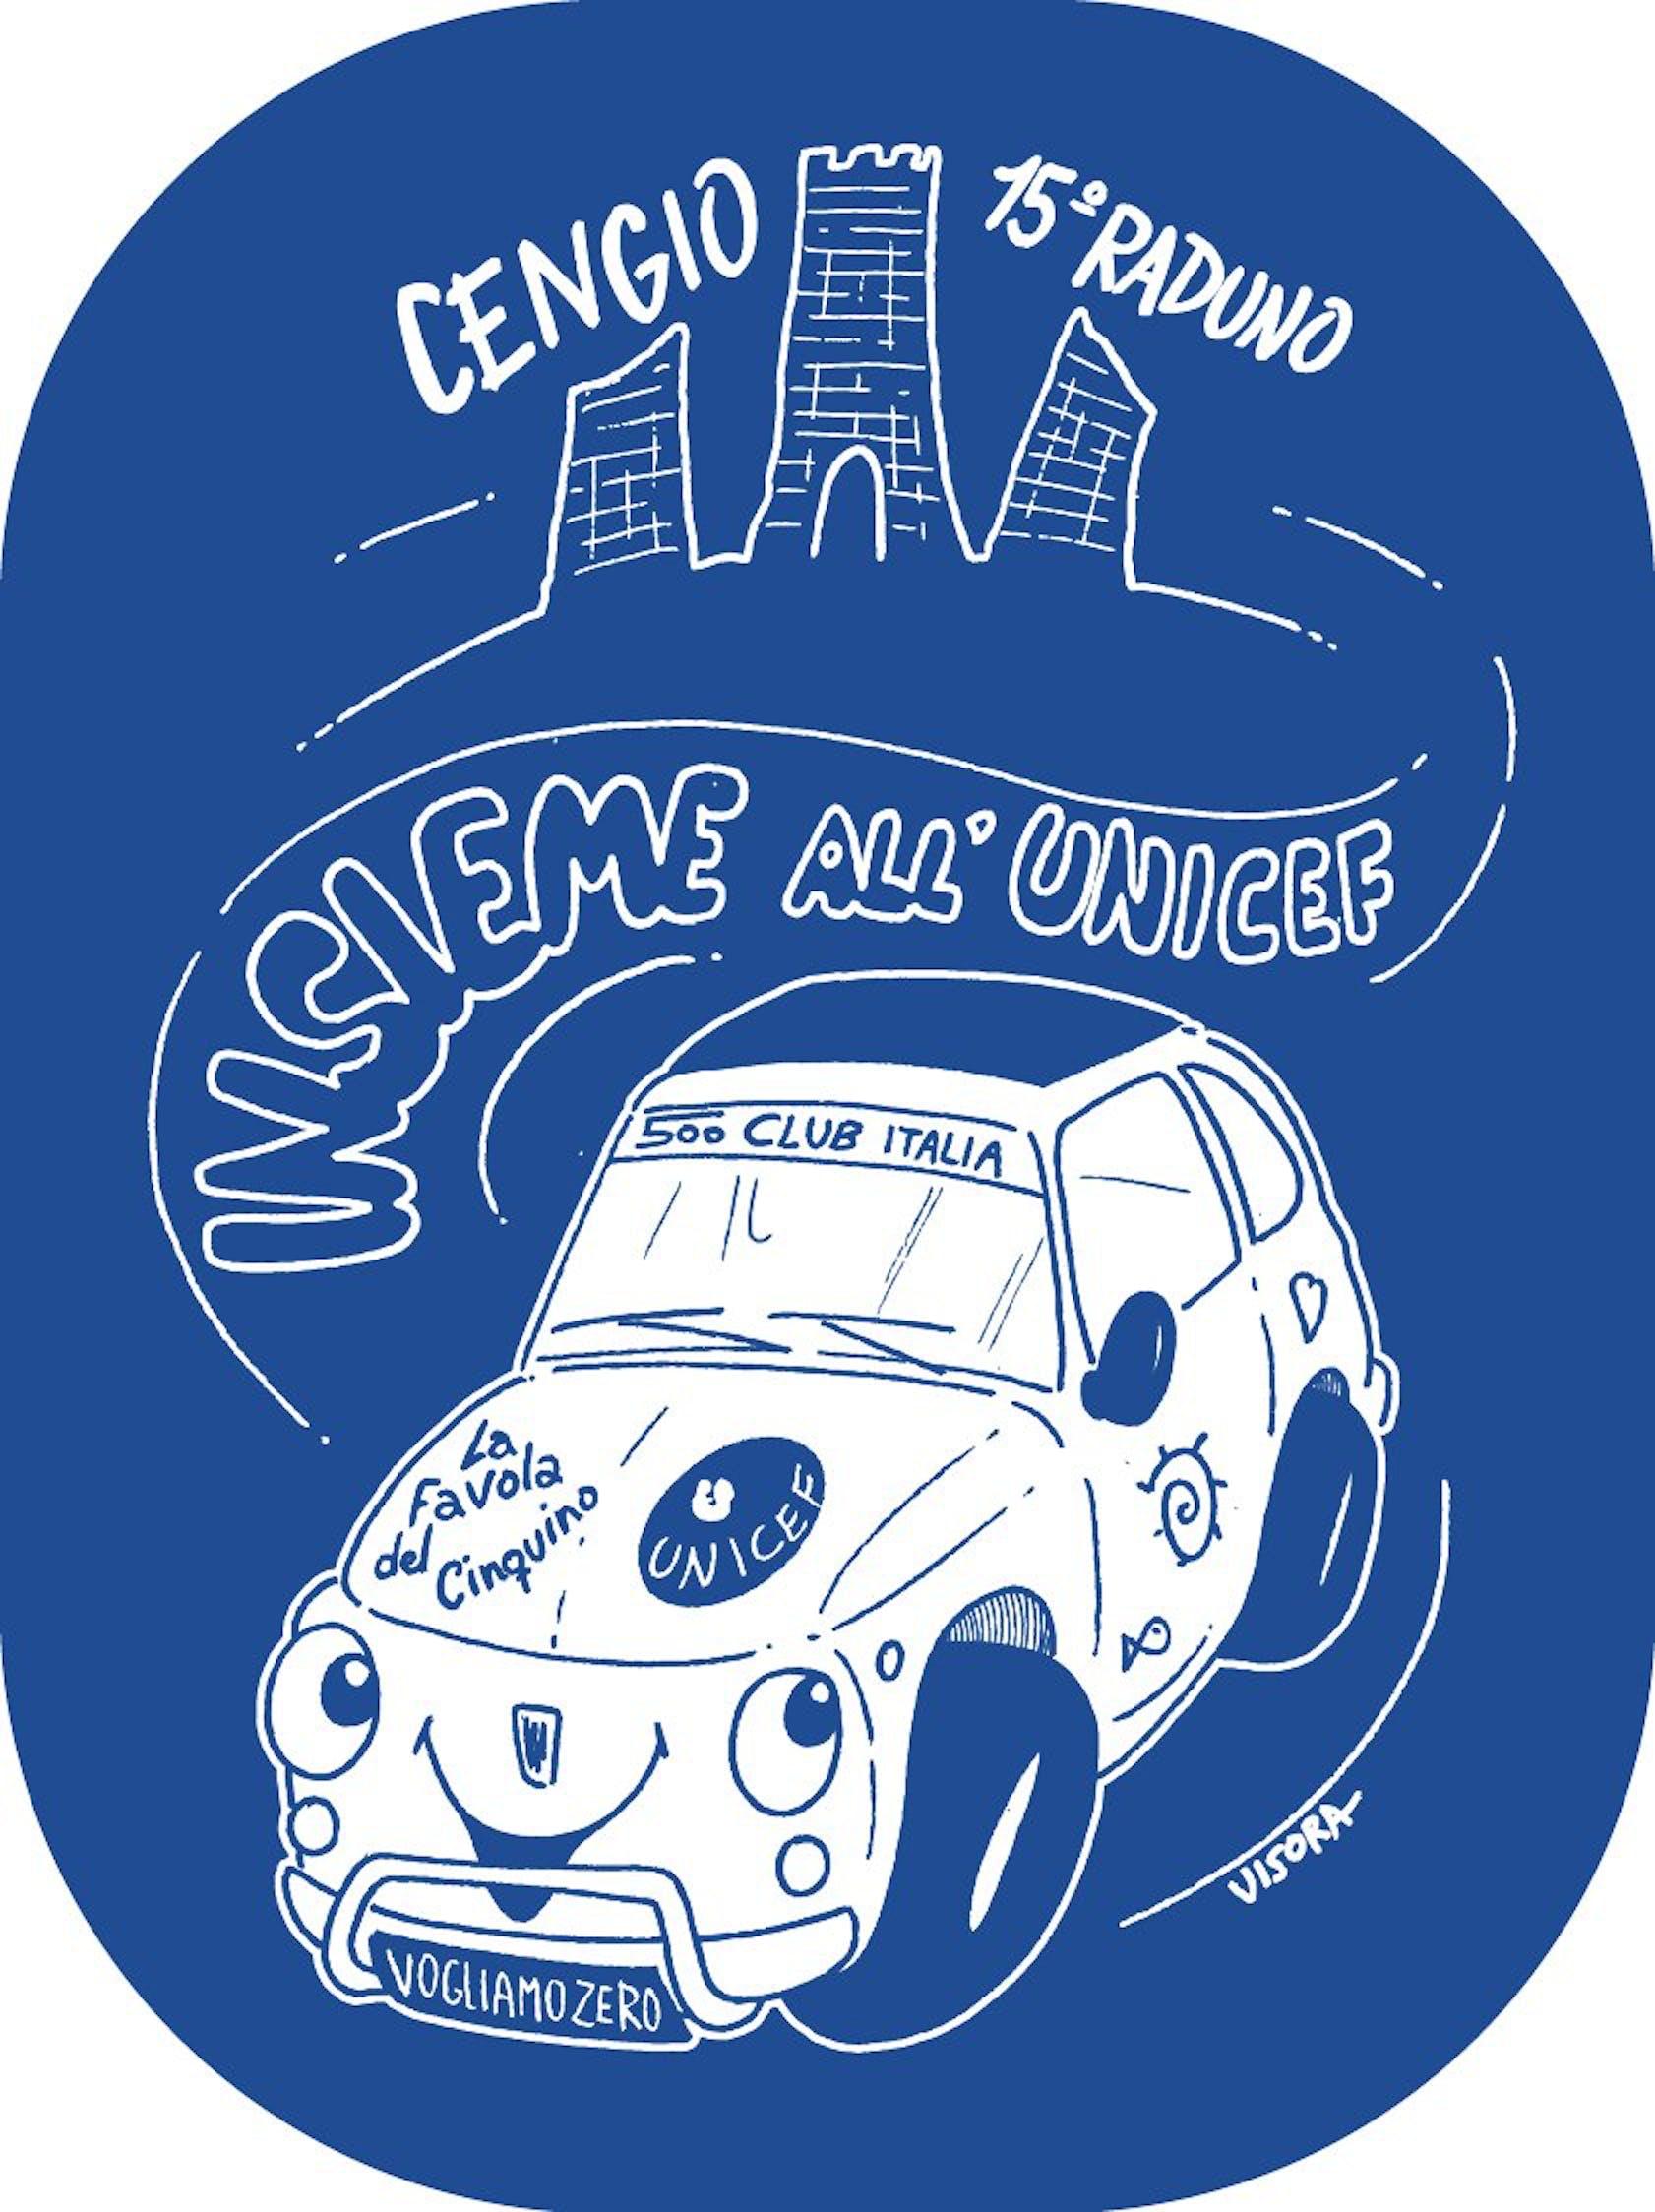 A Cengio (SV) la XV edizione del Raduno Fiat Club 500